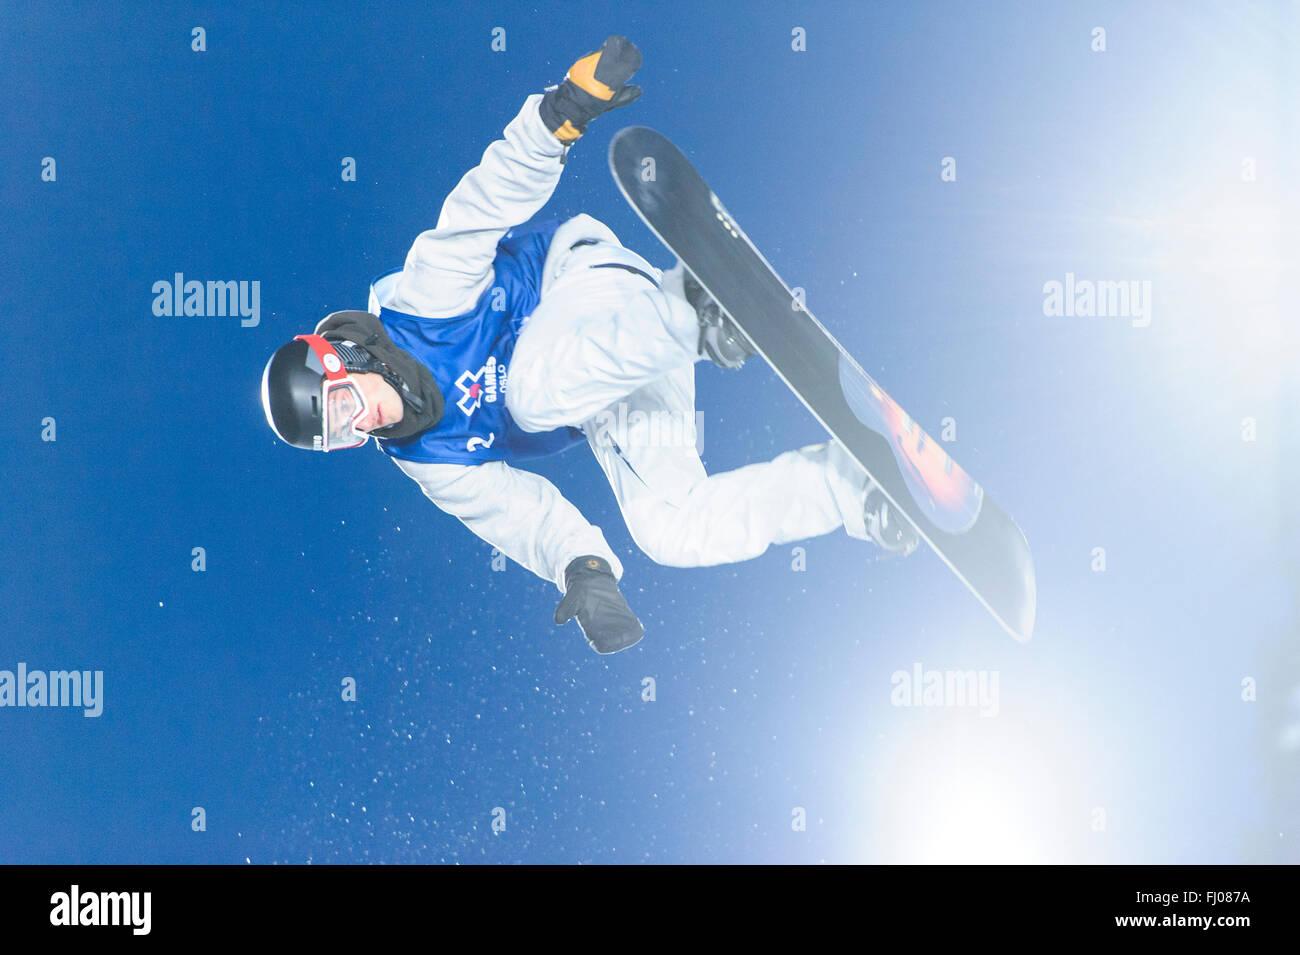 Oslo, Norvegia. 26 Febbraio 2016 Il 2016 Winter X Games sono arrivati a Oslo in questo anno, portando gli atleti Immagini Stock